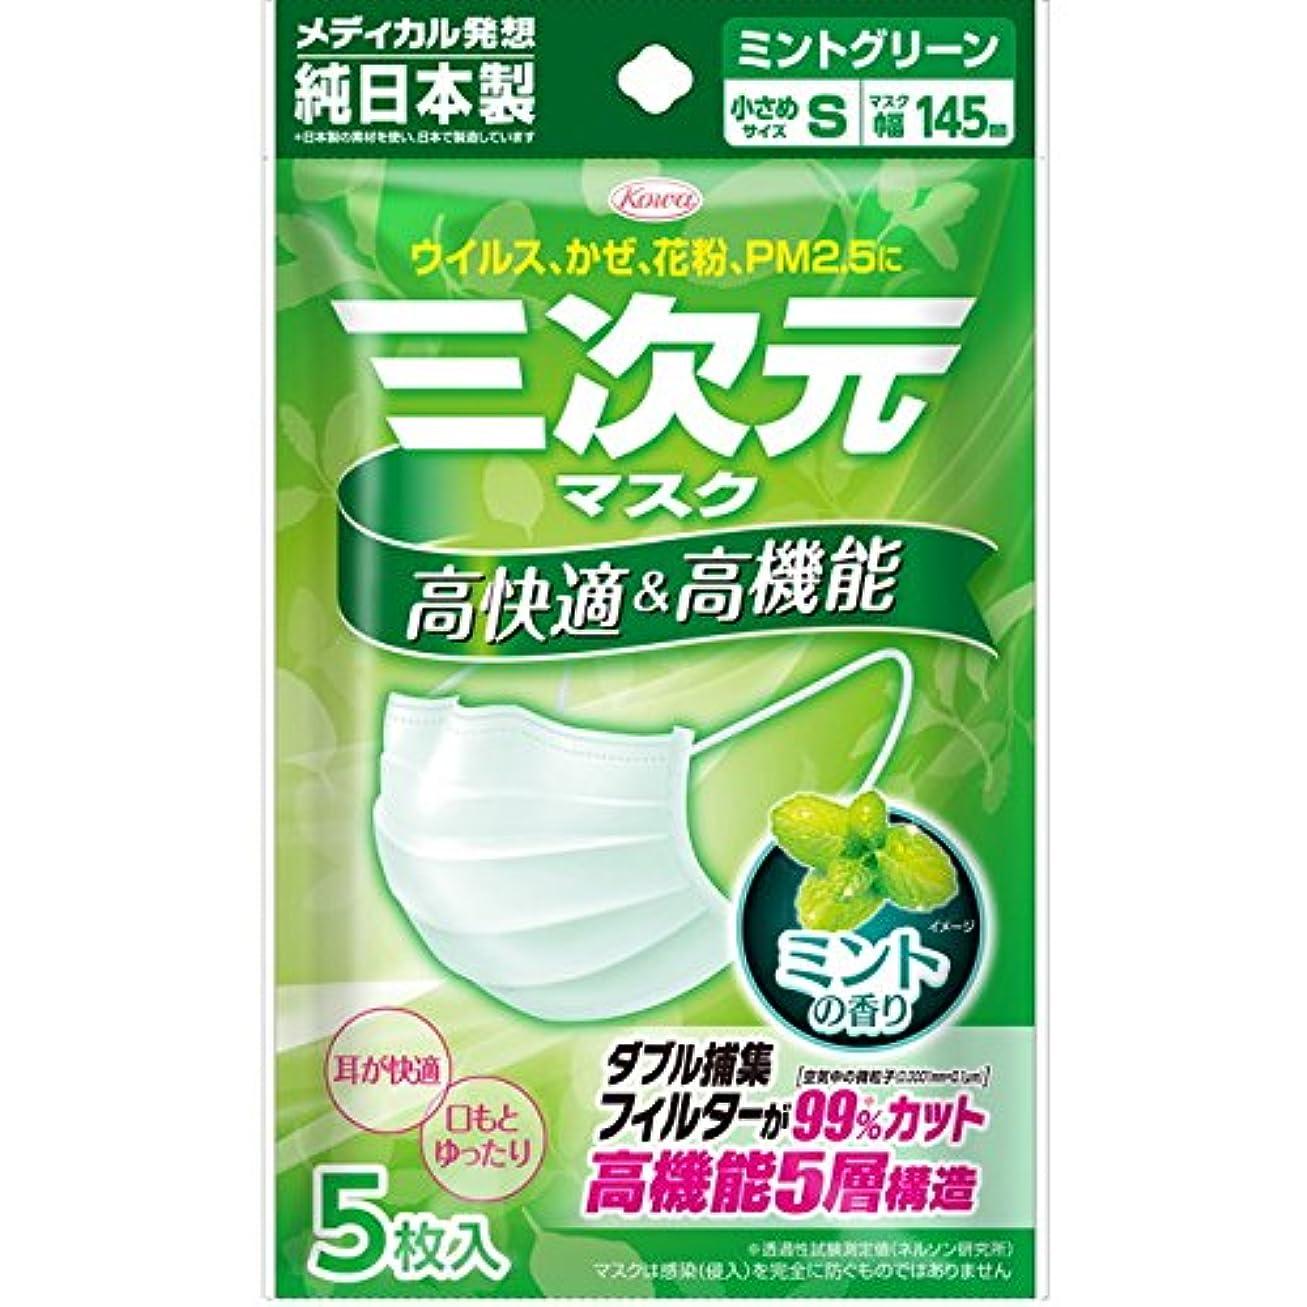 イブ自発的爬虫類(興和新薬)三次元マスク ミントの香り グリーン 小さめSサイズ 5枚入(お買い得5個セット)